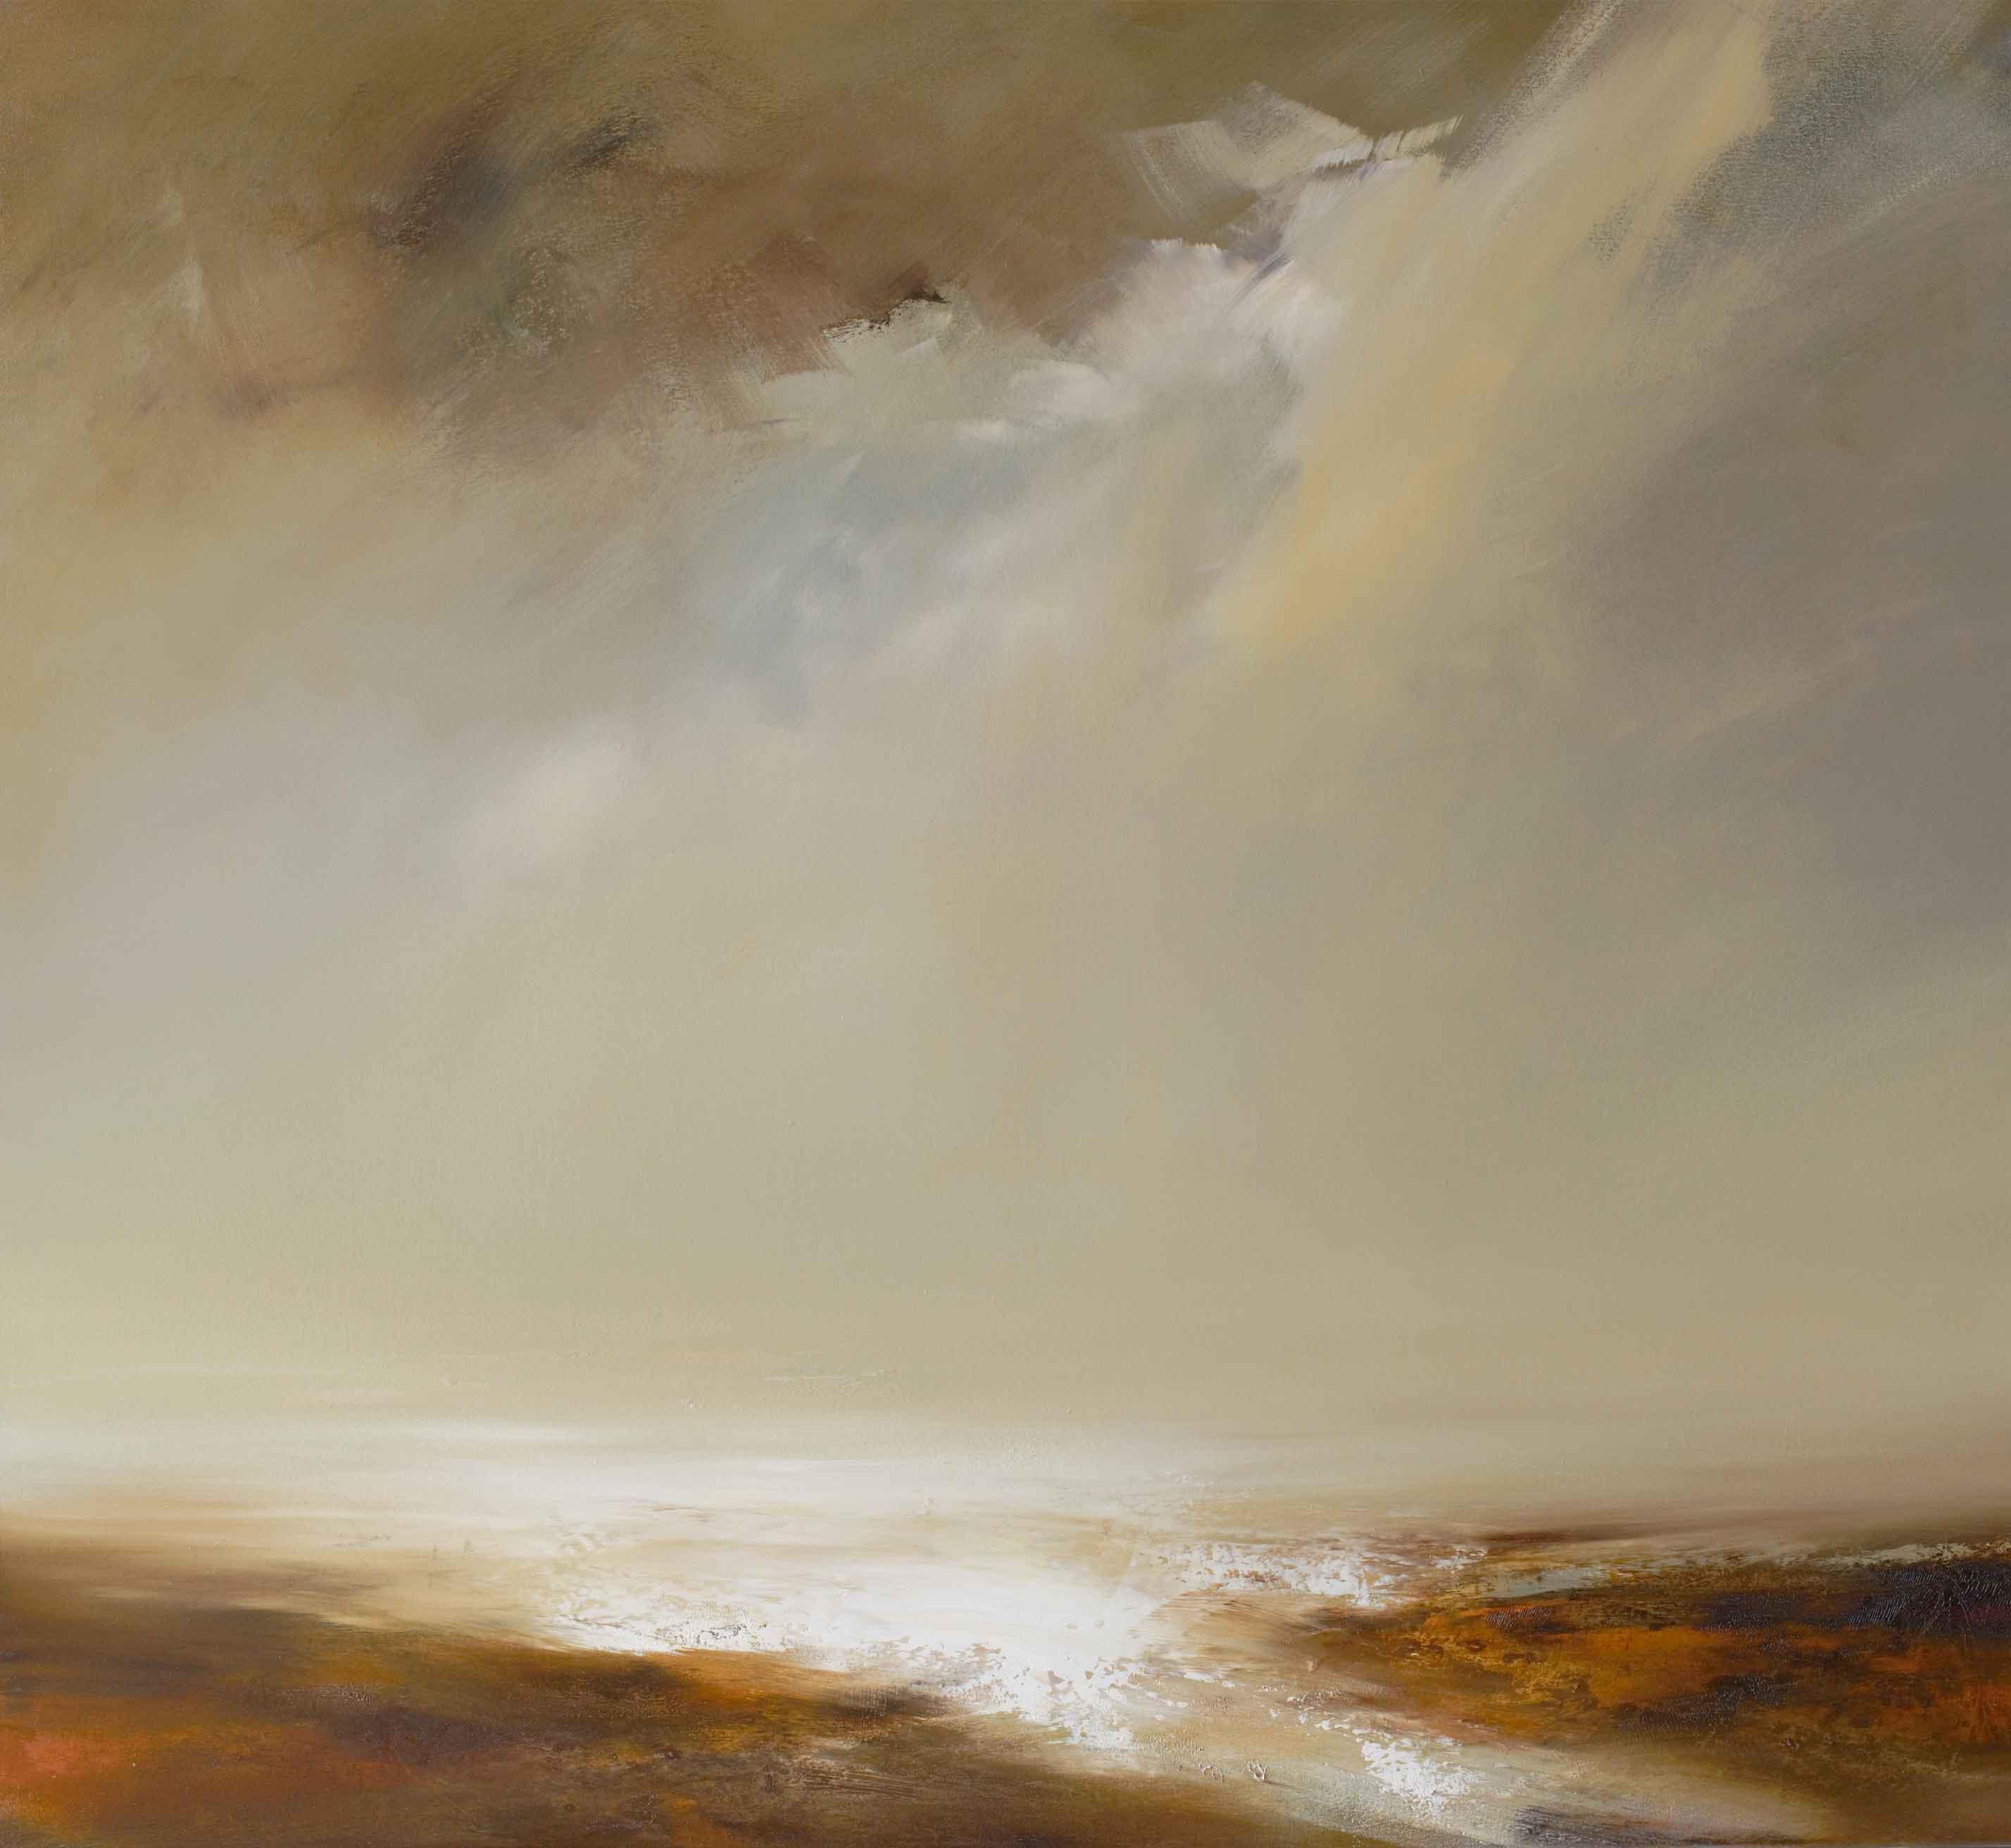 Subtle light between lands by David Taylor